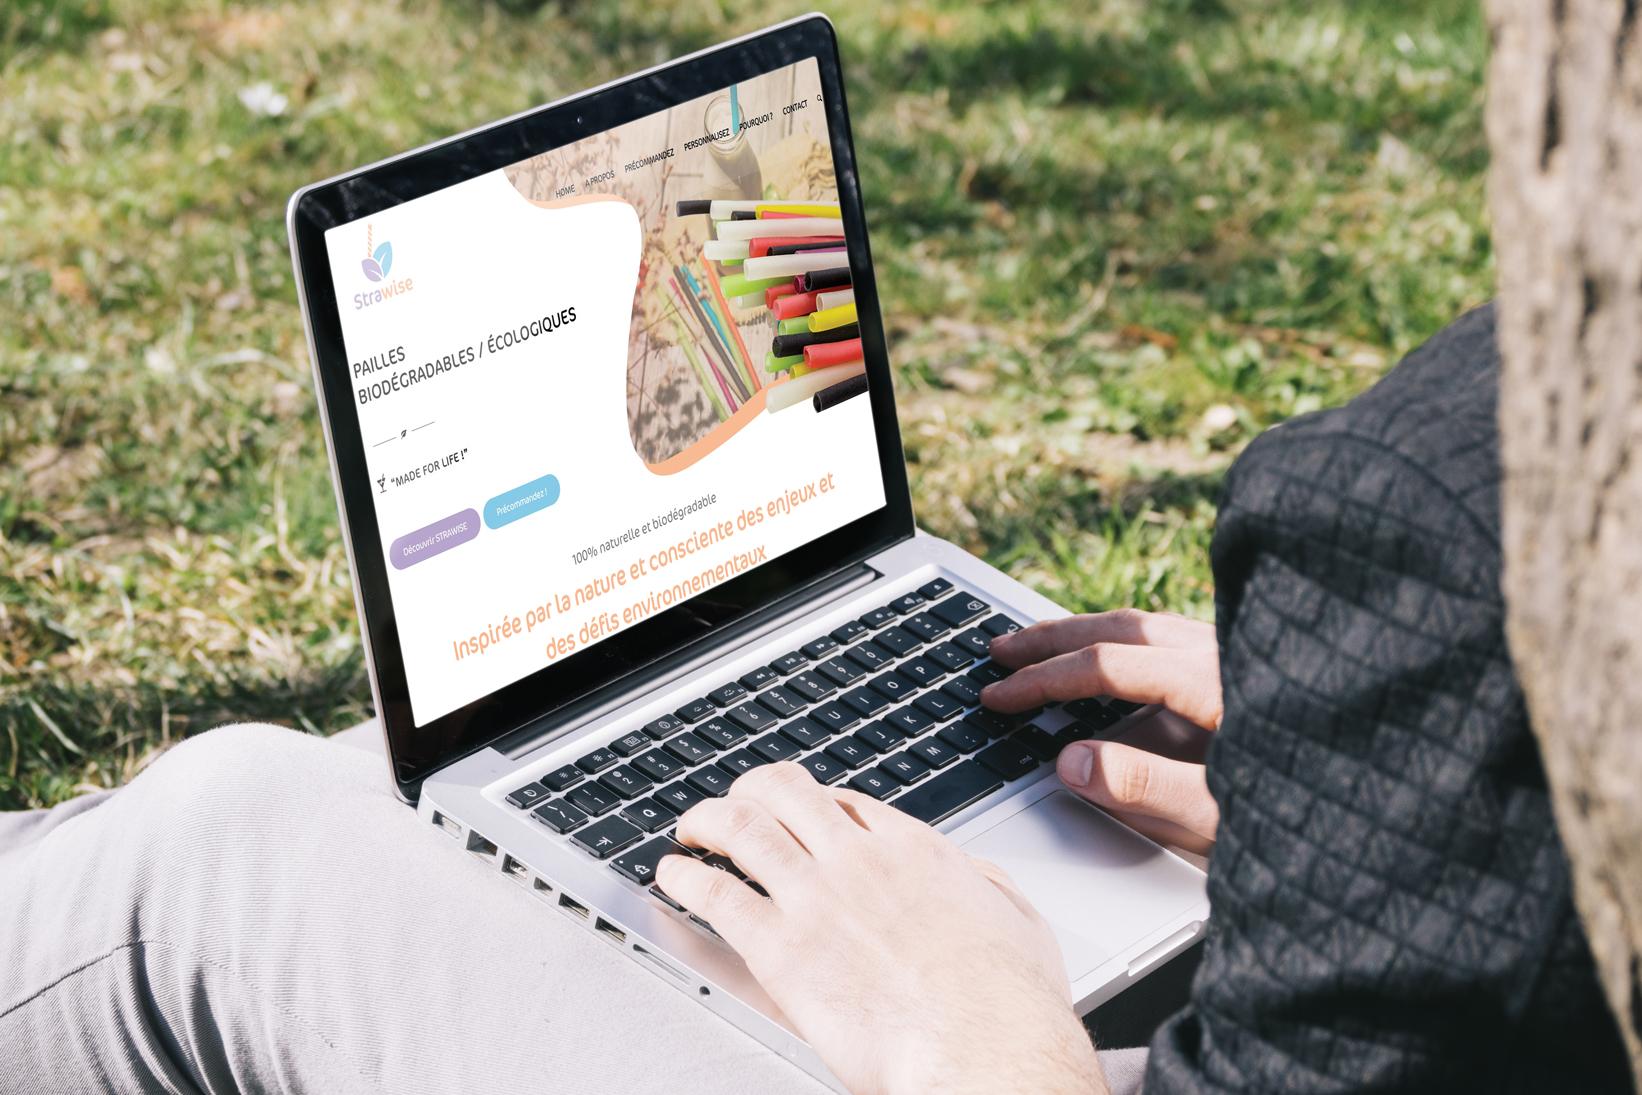 Création de site internet à Nantes / Graphisme dépliants 3 volets - Strawise